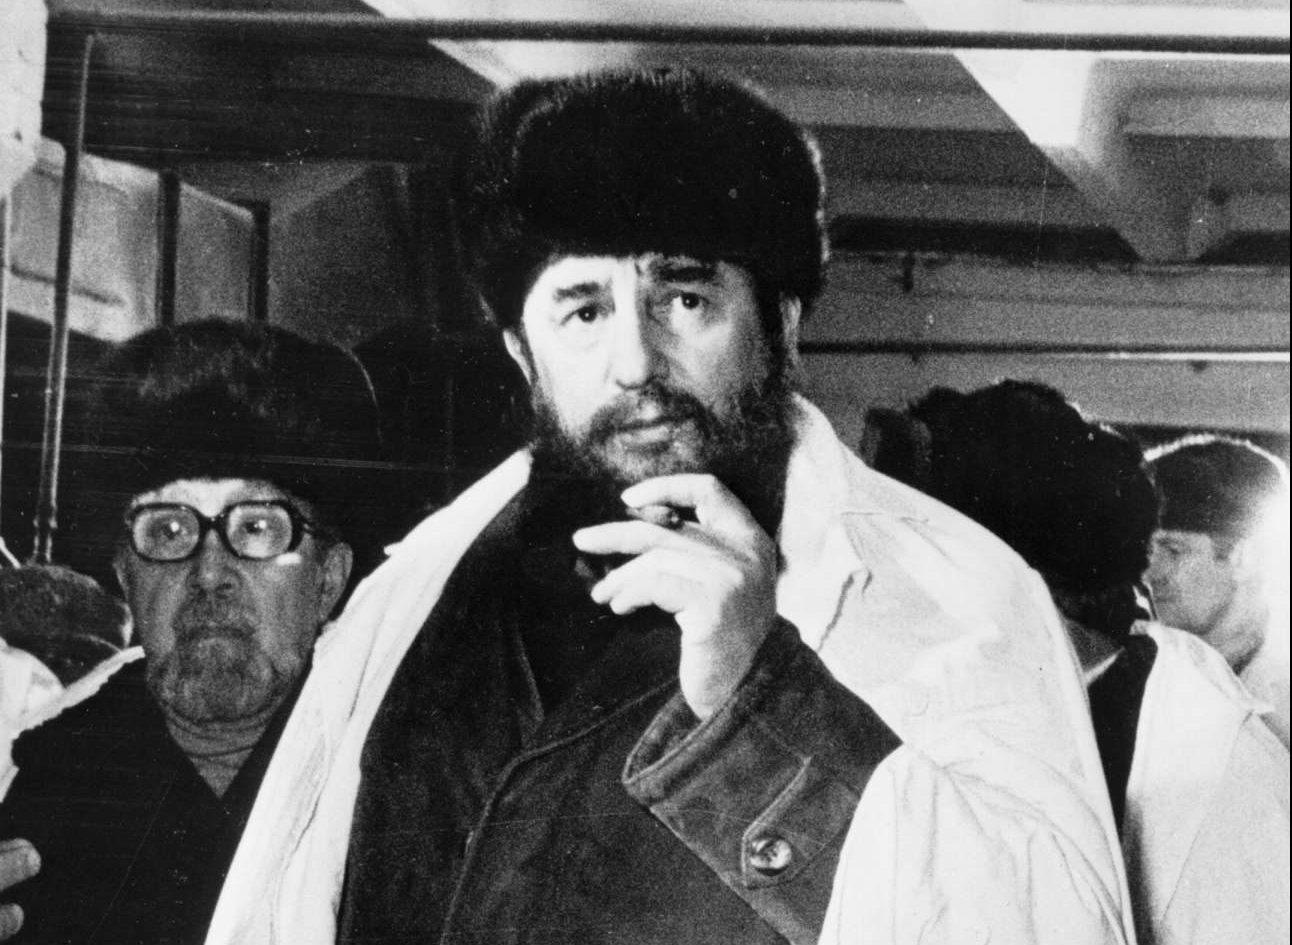 O Κάστρο με γούνινο καπέλο - και φυσικά πούρο - σε επίσκεψή του στην ΕΣΣΔ το 1981